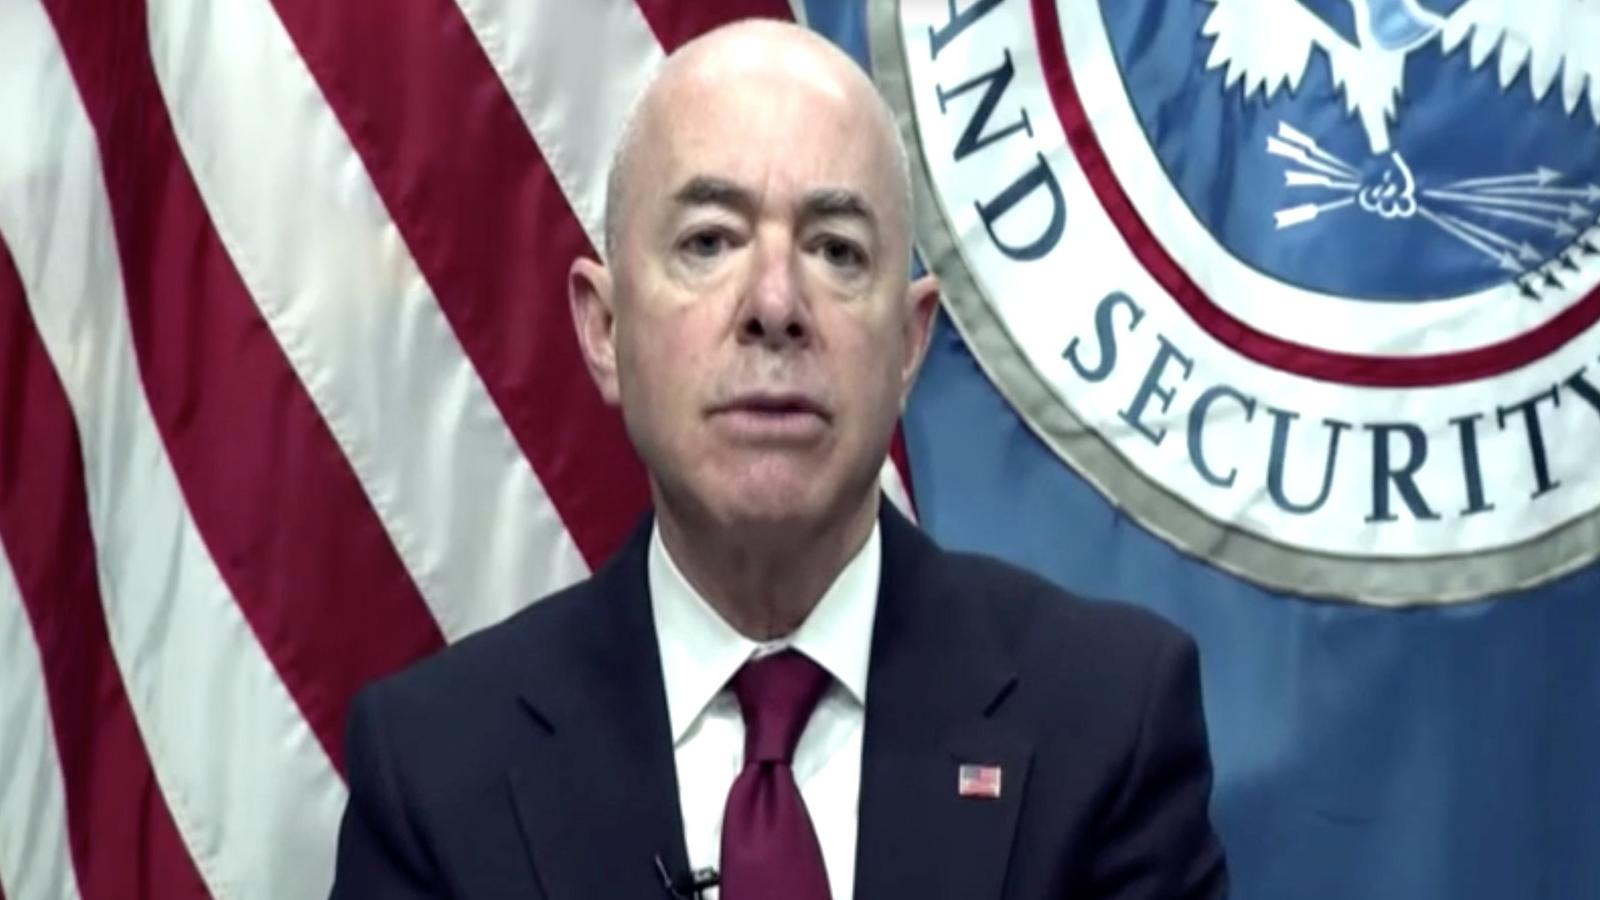 边境流民收容超负荷,国土安全局紧急关闭南部边境